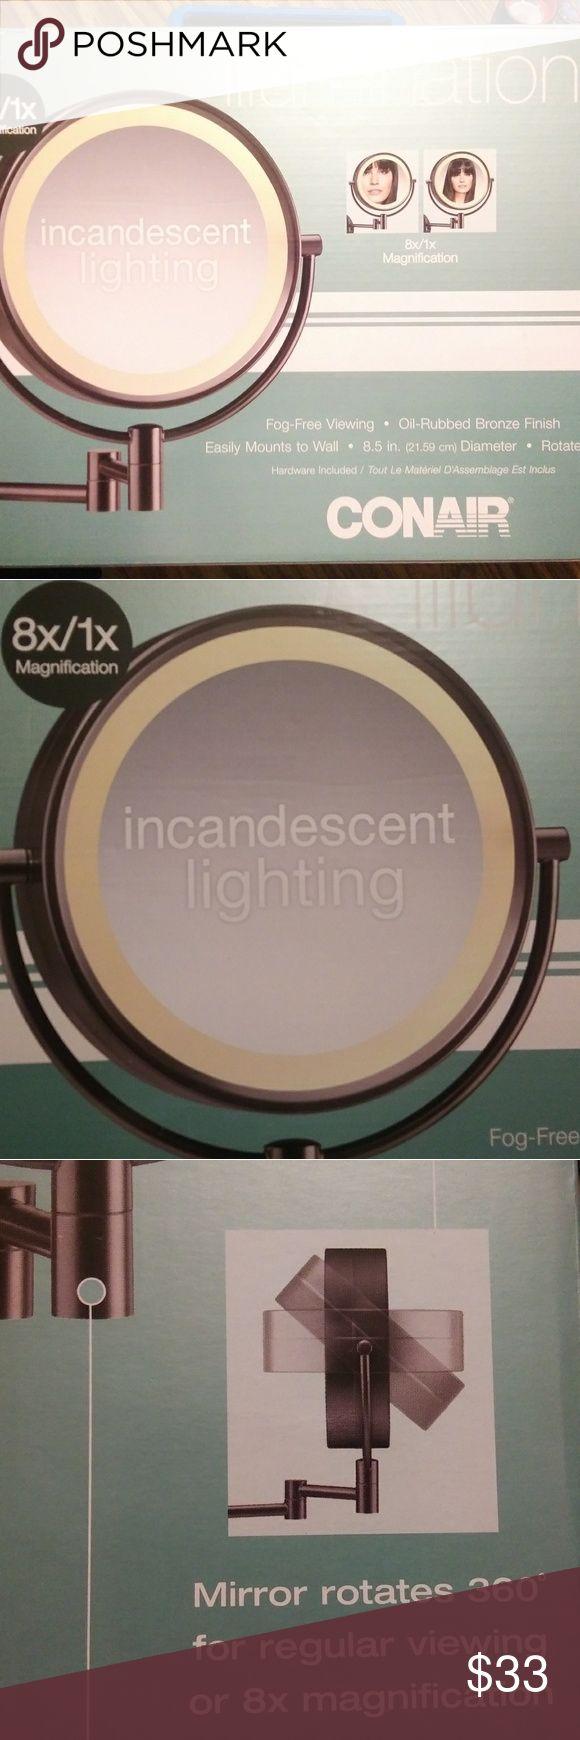 Conair 1x 8x Magnifying Makeup Mirror Nib Makeup Mirror Makeup Mirror With Lights Wall Mounted Lighted Makeup Mirror